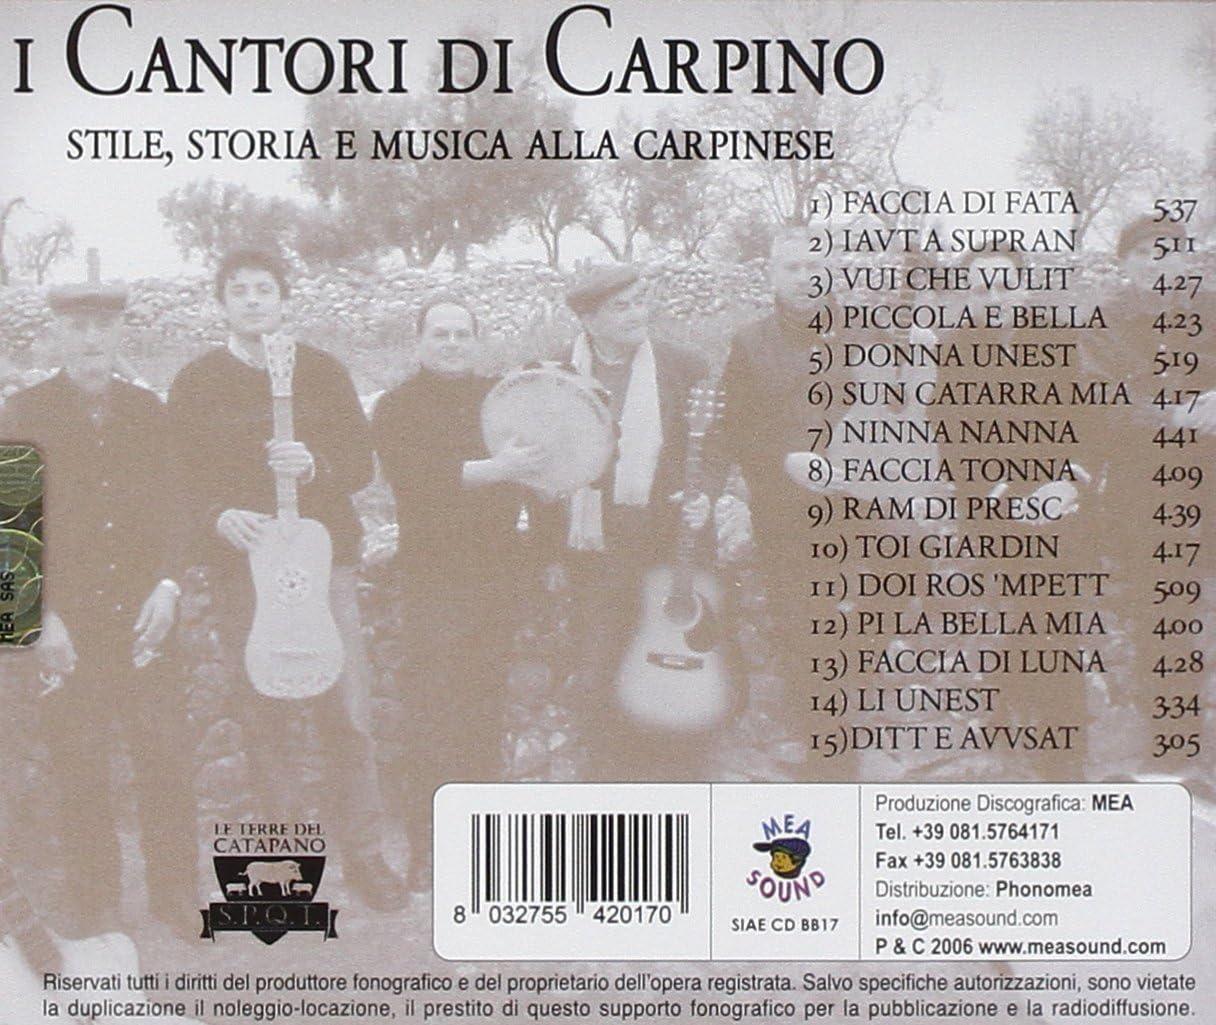 Stile, Storia E Musica Alla Carpinese: Cantori Di Carpino: Amazon.it